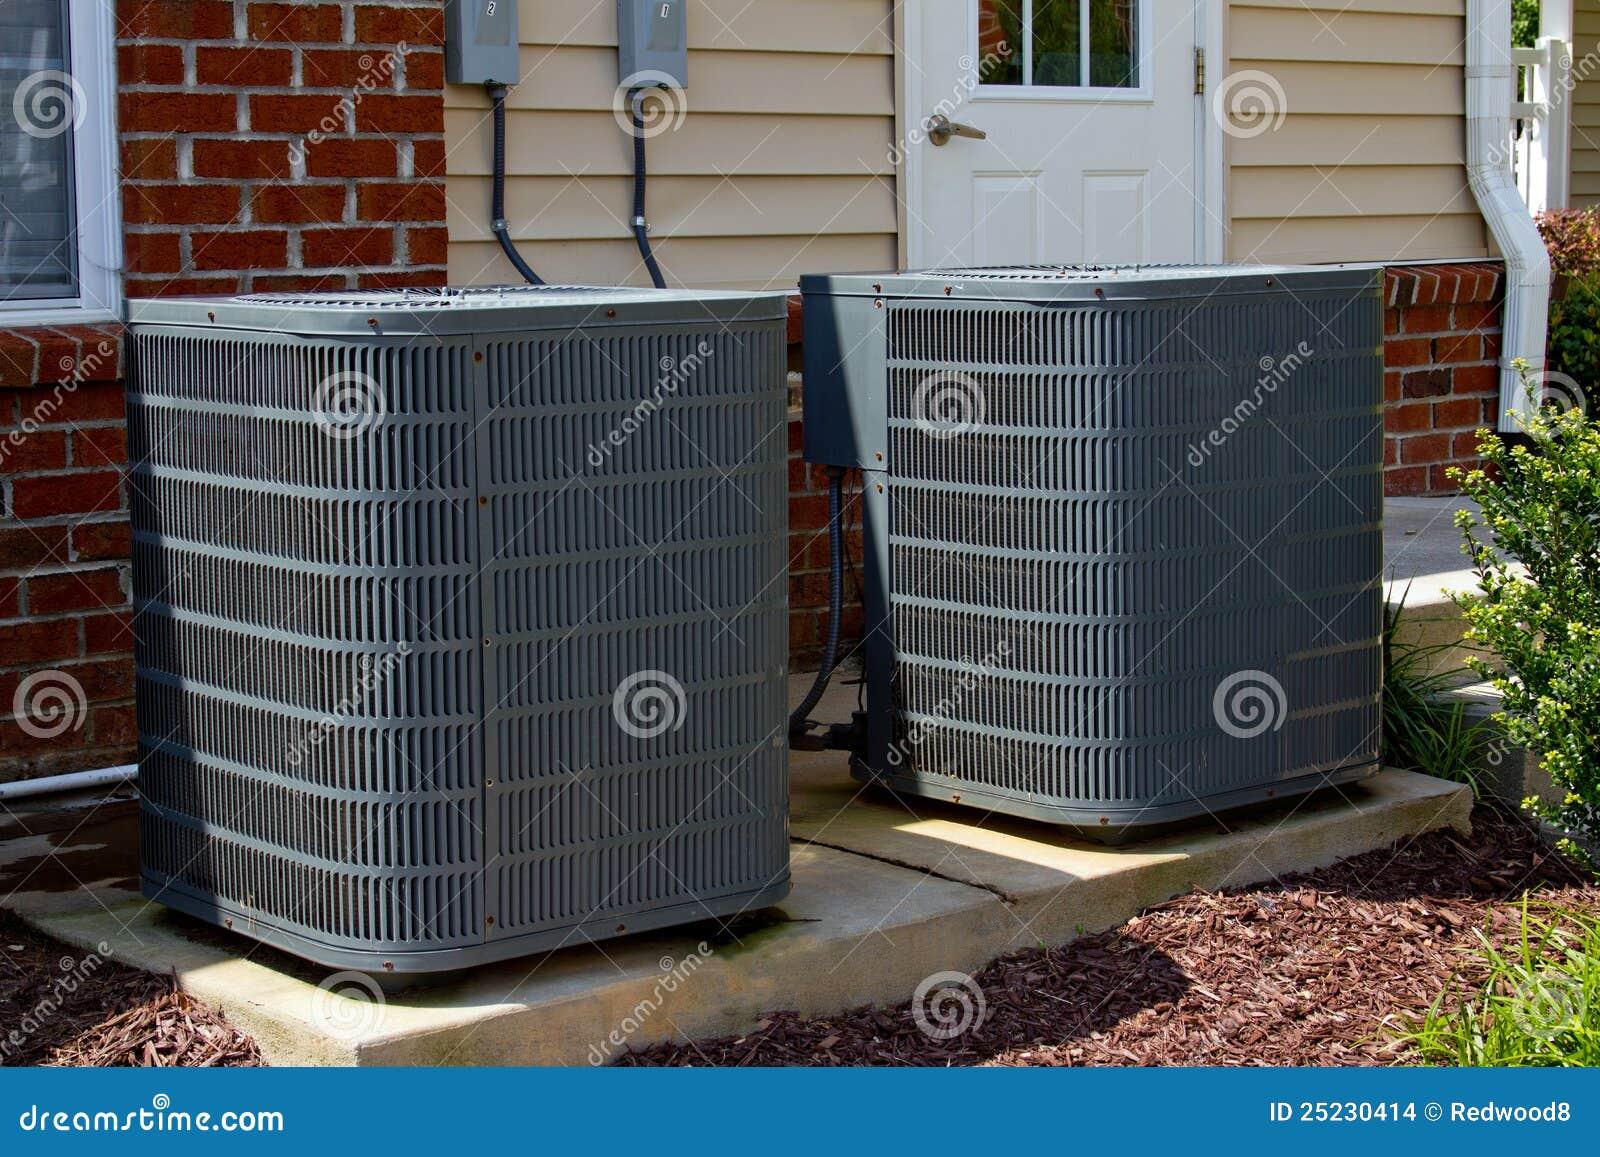 Unidades de aire acondicionado